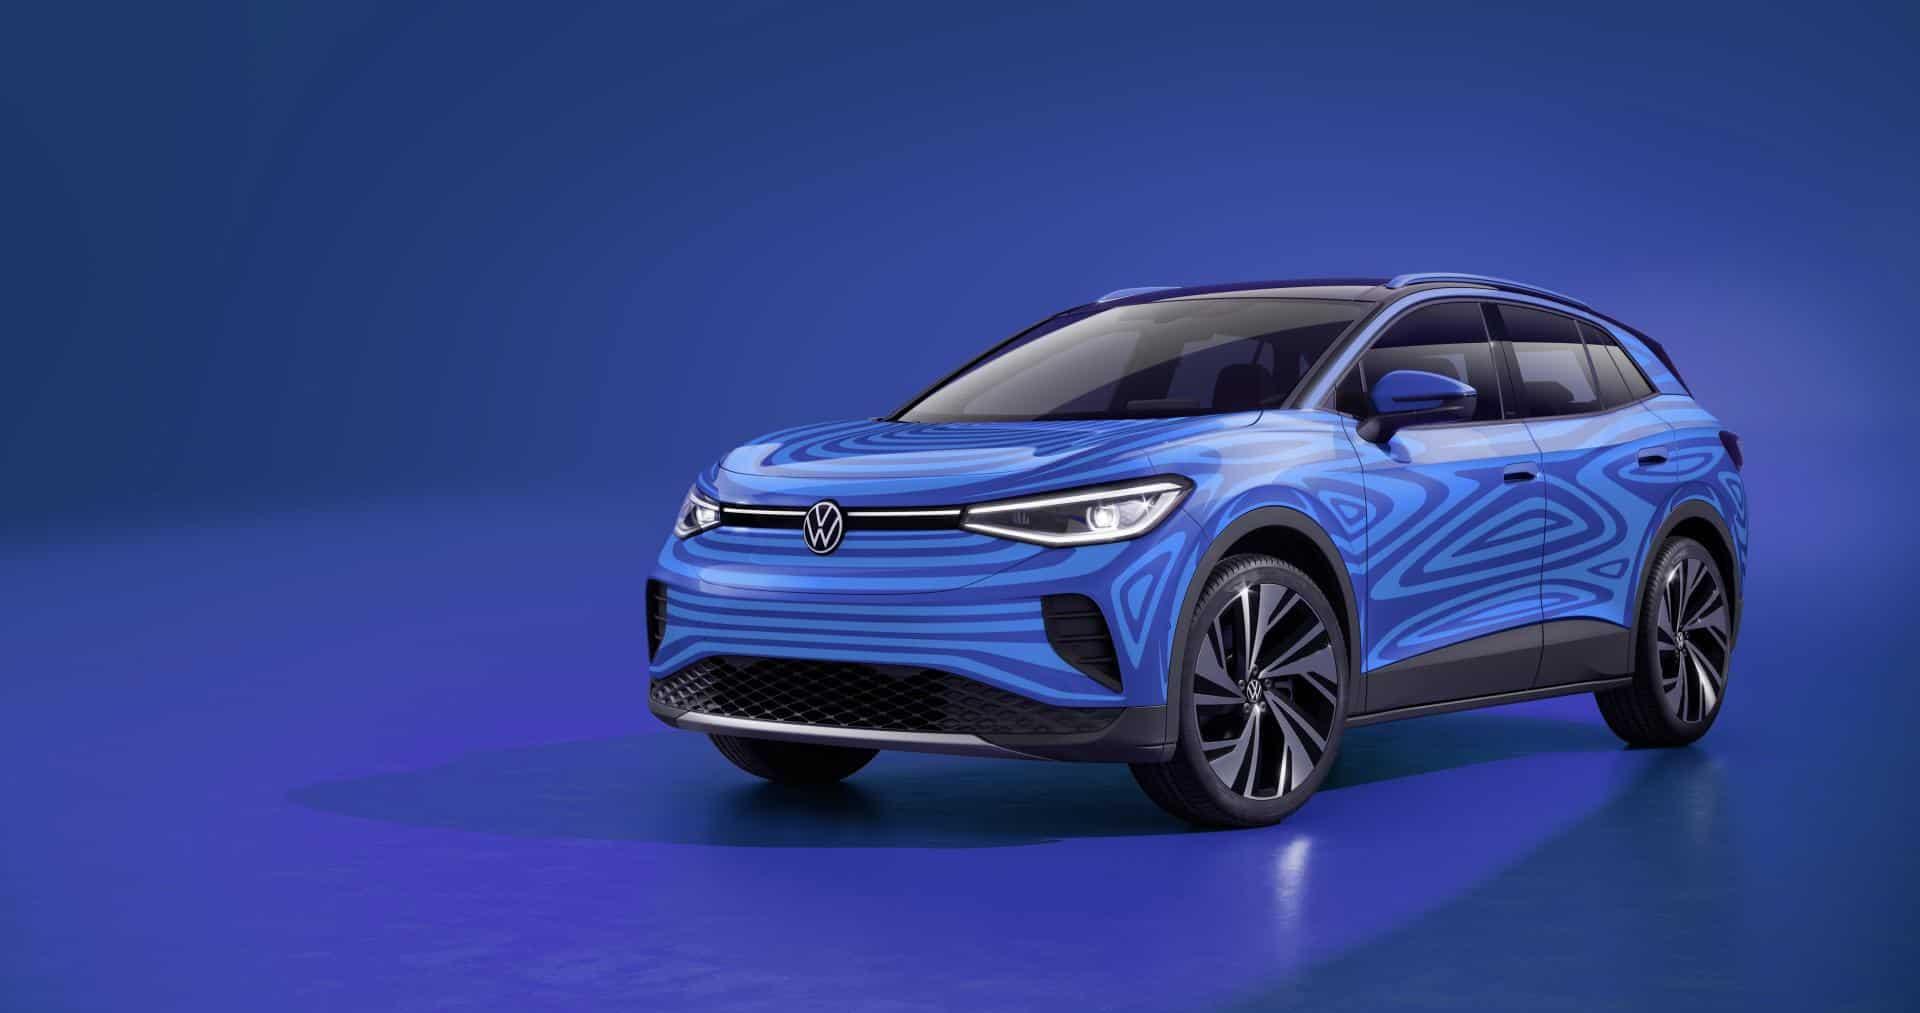 VW ID.4 soll ab 100 US-Dollar in den USA reserviert werden können; ab September